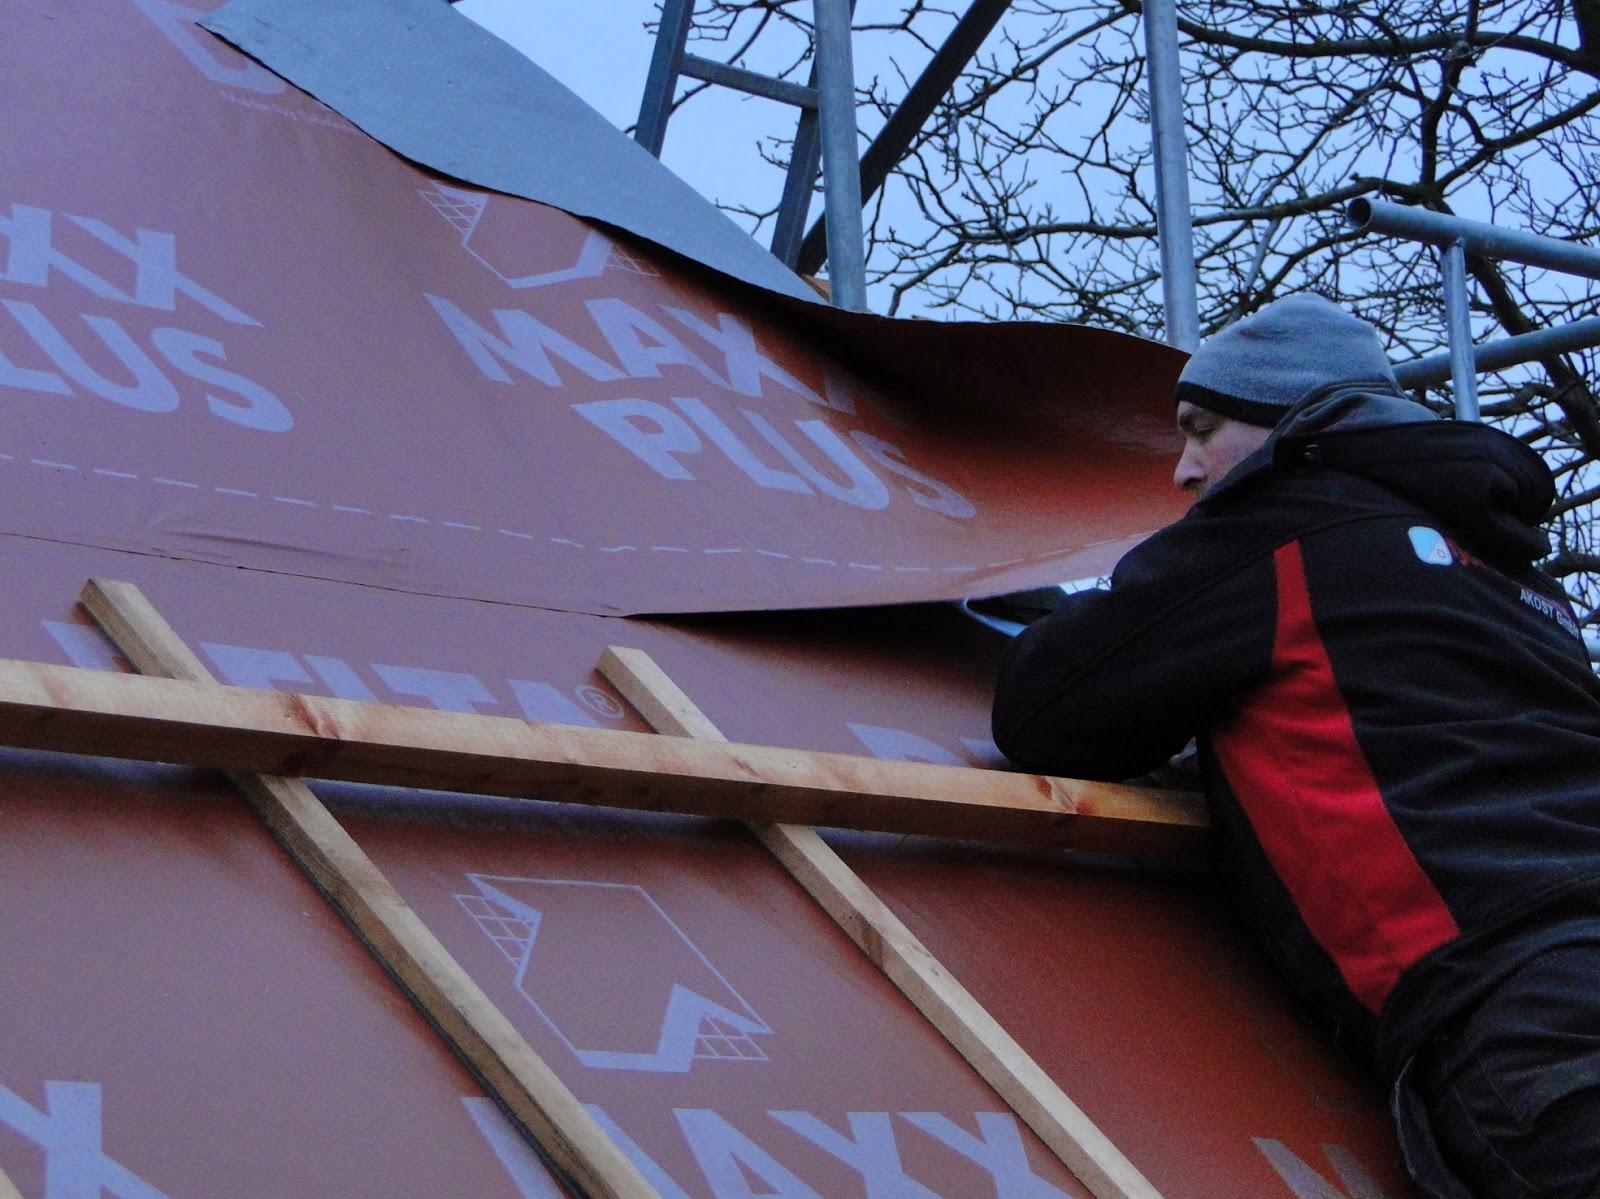 Dachfolie. Excellent Das Dach Ist Garantiert Nicht Foliert Hab Sowas